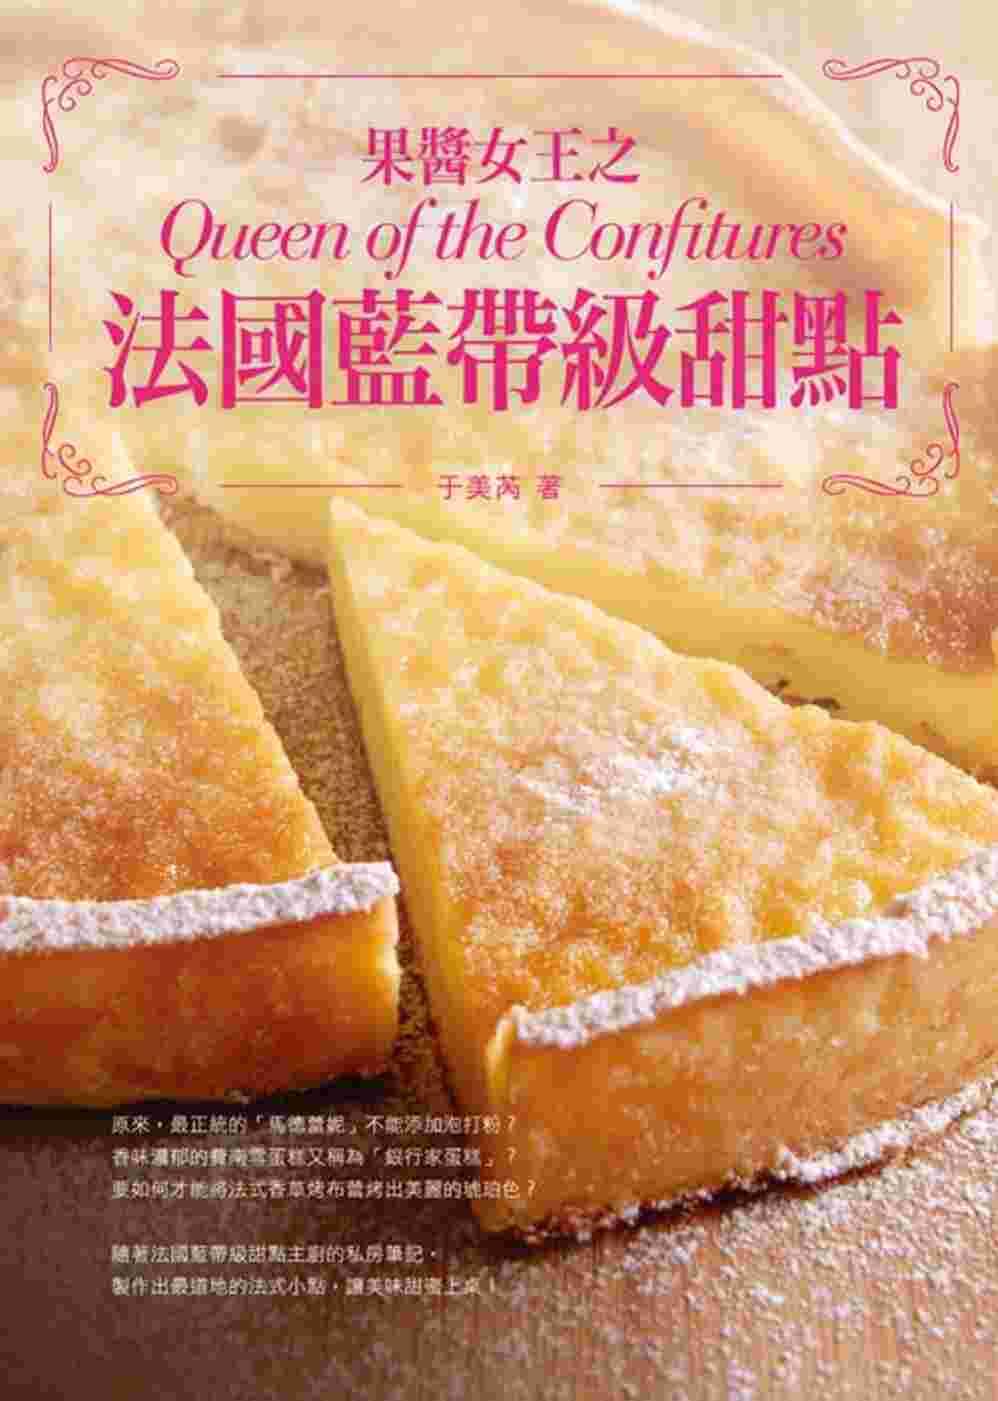 果醬女王之法國藍帶級甜點